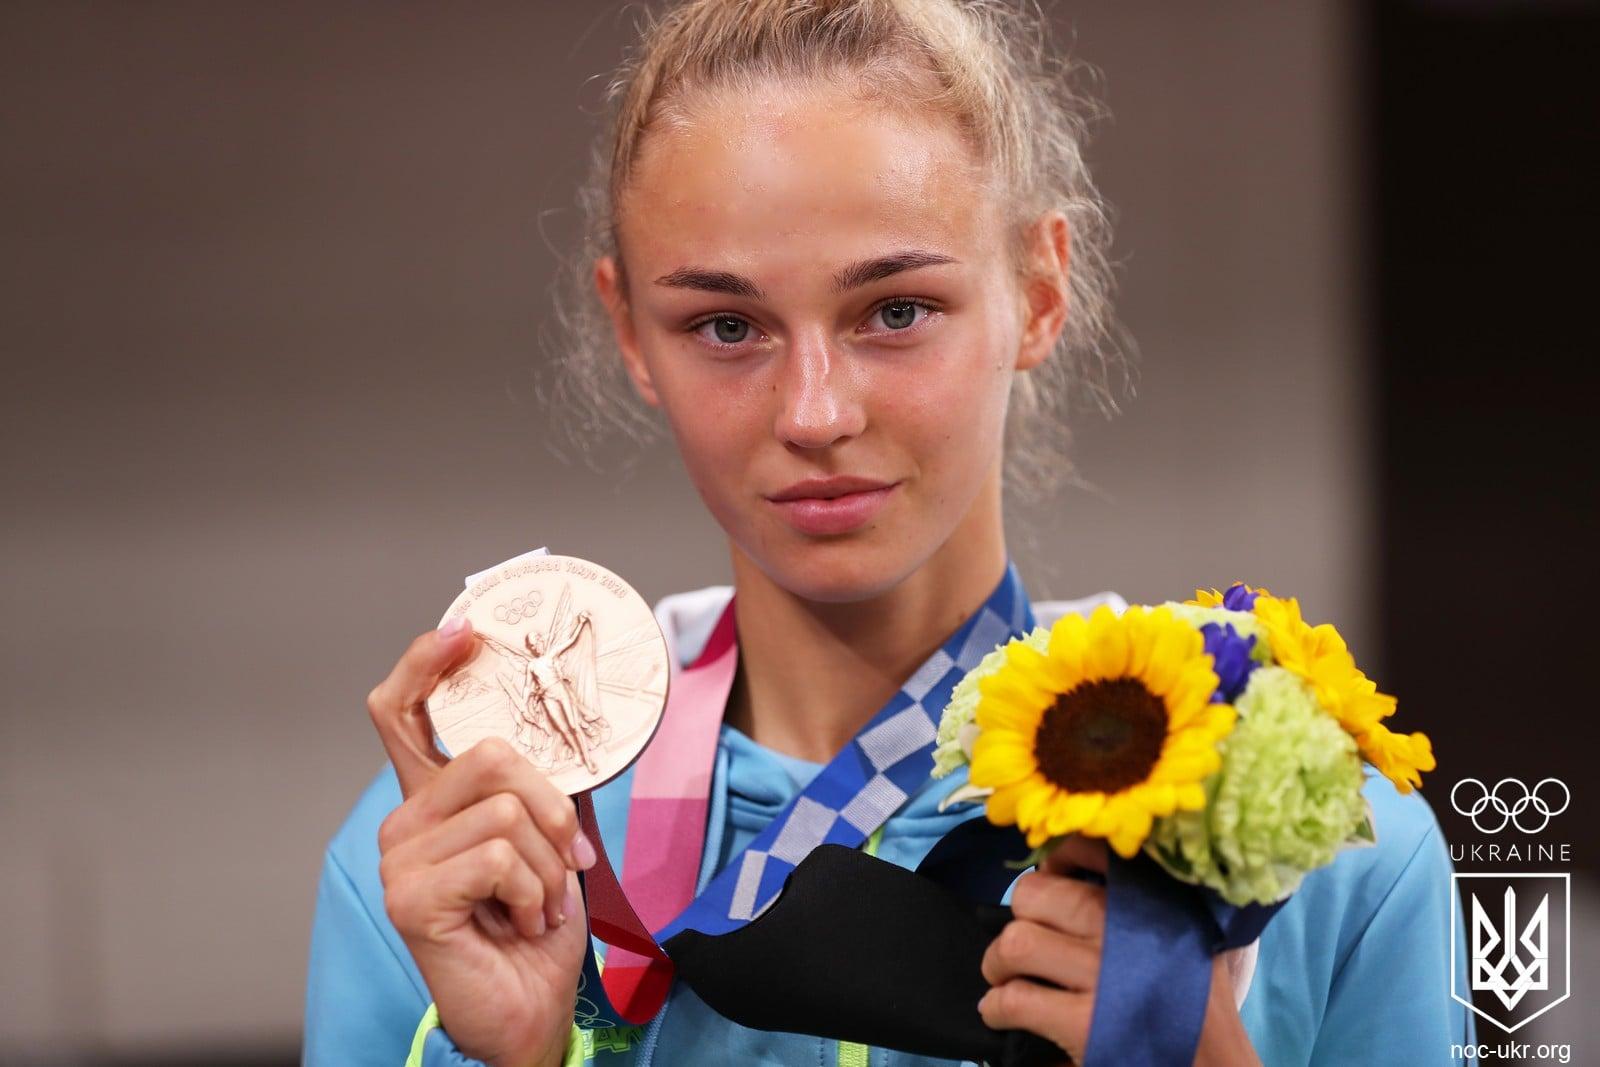 Білодід принесла Україні історичну нагороду Ігор: емоції спортсменки не залишать вас байдужими